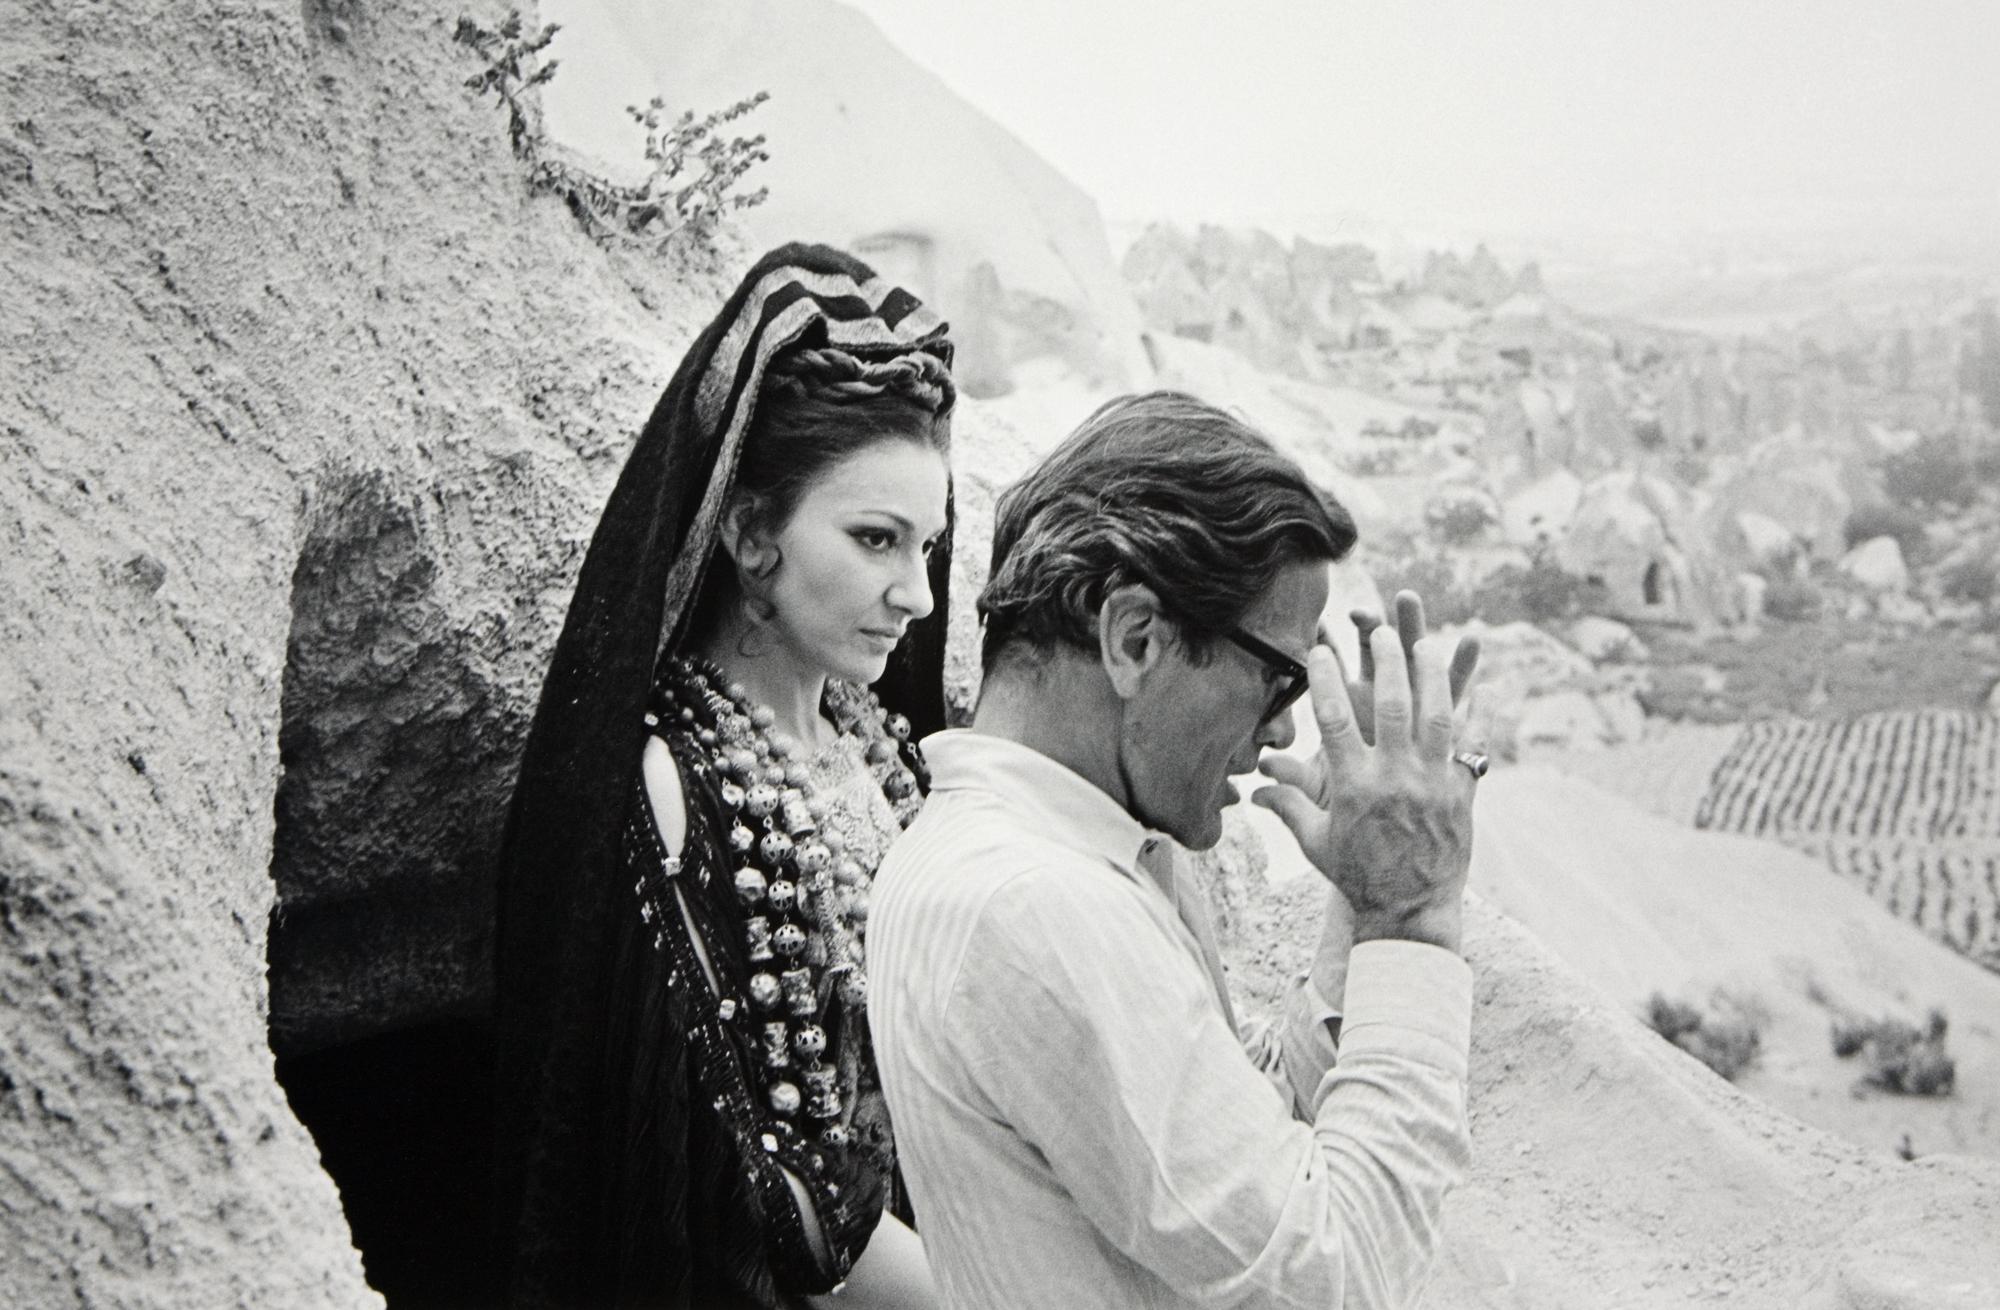 L'ISOLA DI MEDEA – Pasolini e Callas, l'amore obliquo   proiezione speciale del documentario di Sergio Naitza